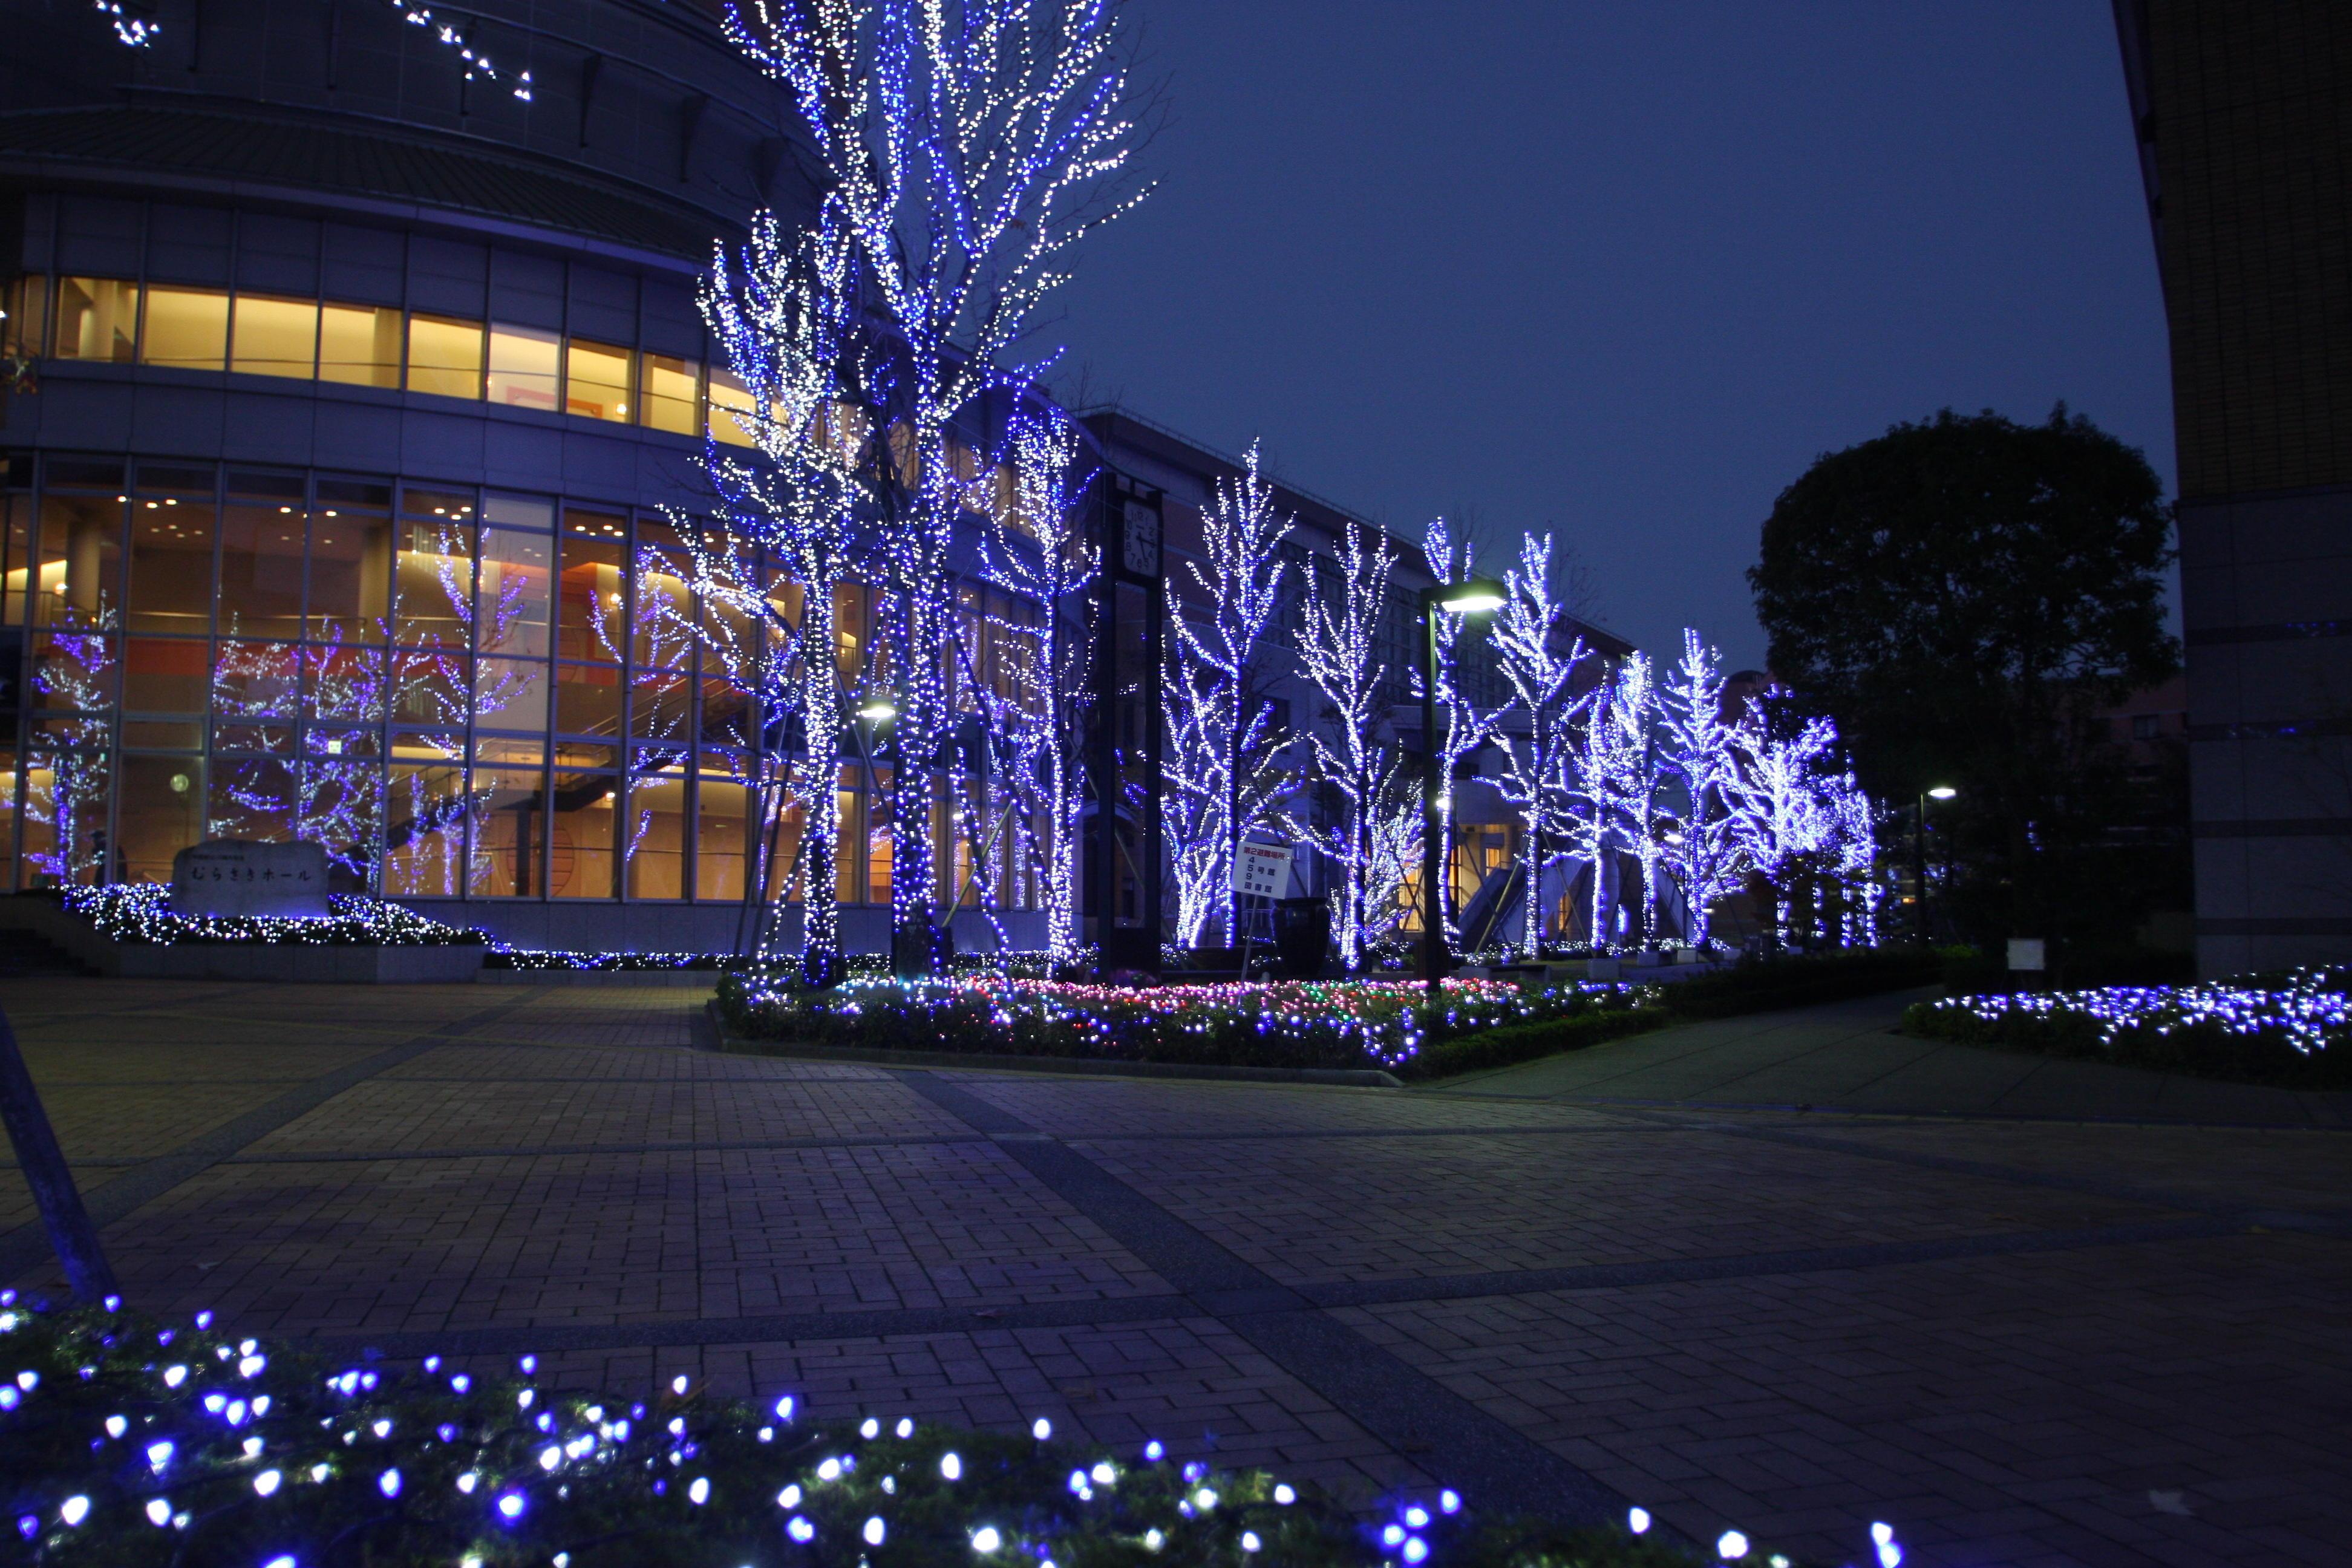 徳島文理大学が12月から徳島・香川の両キャンパスでイルミネーションを点灯 -- 2018年2月14日まで実施予定